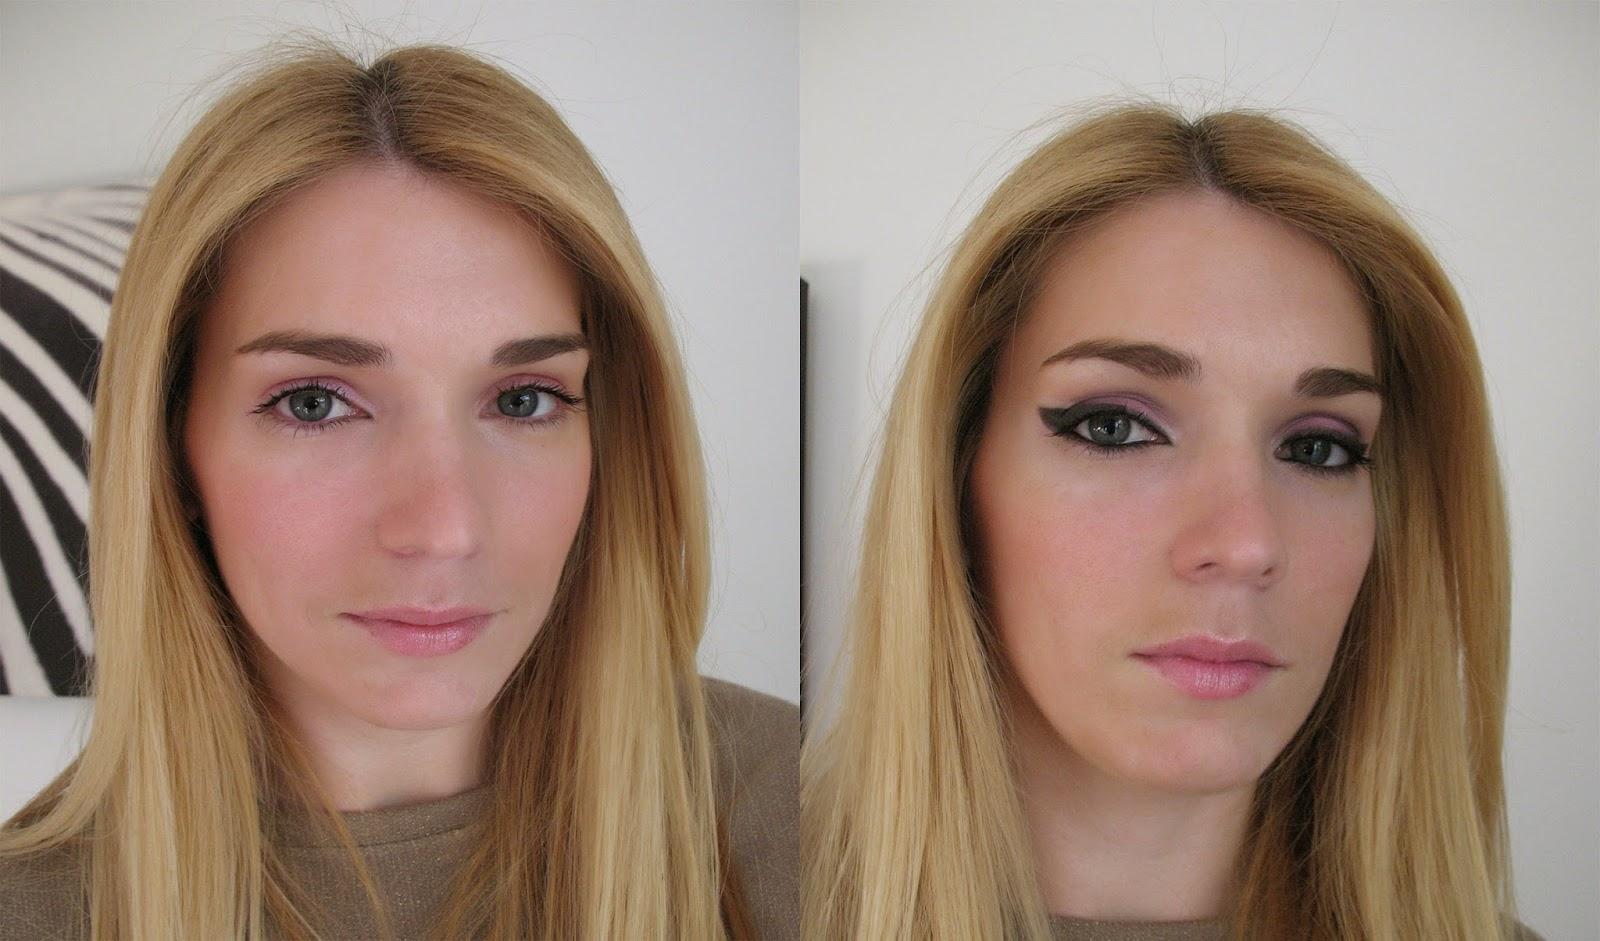 Maquilhagem de noite - adaptação a partir da maquilhagem natural - escolha da cliente - antes e depois